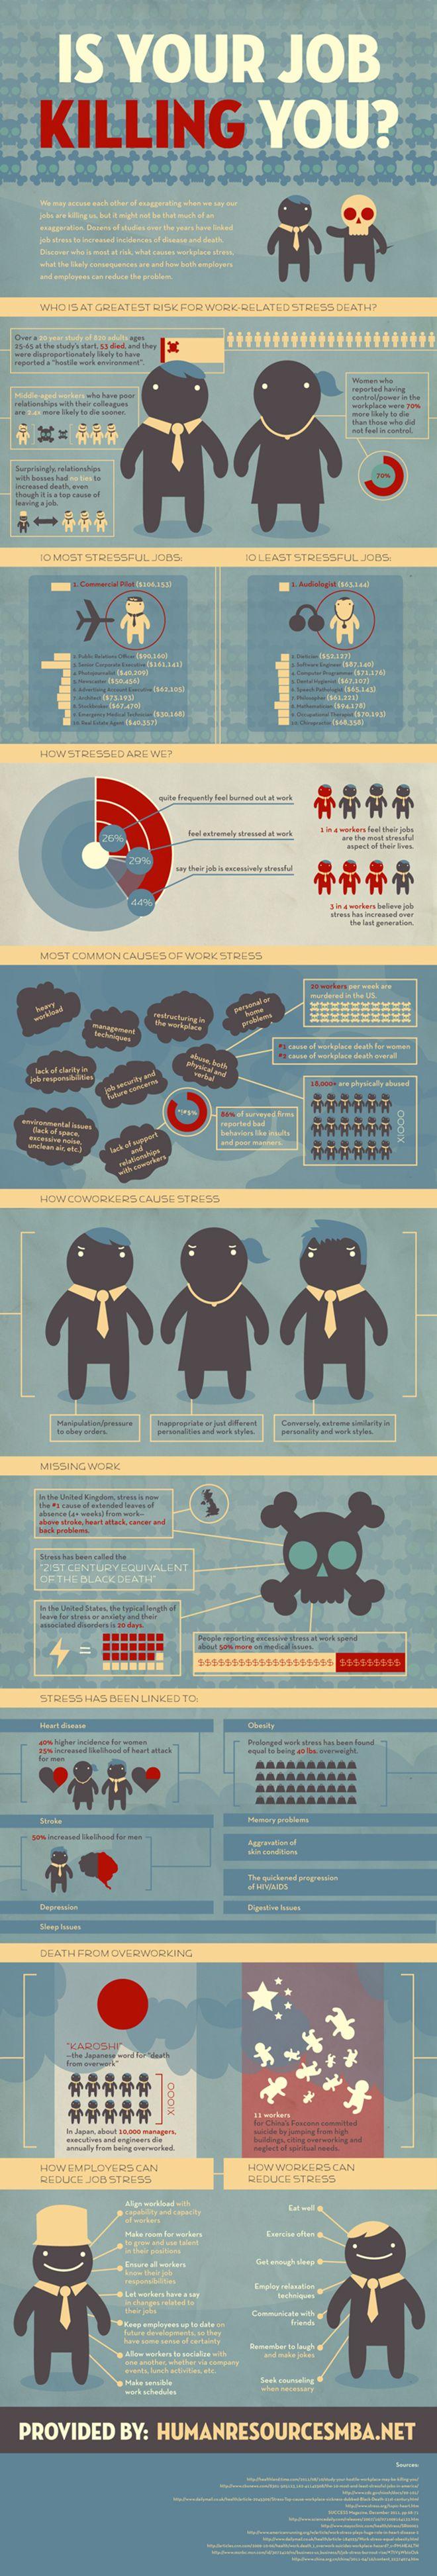 Est-ce que votre #travail est en train de vous tuer ? #RH #QVT